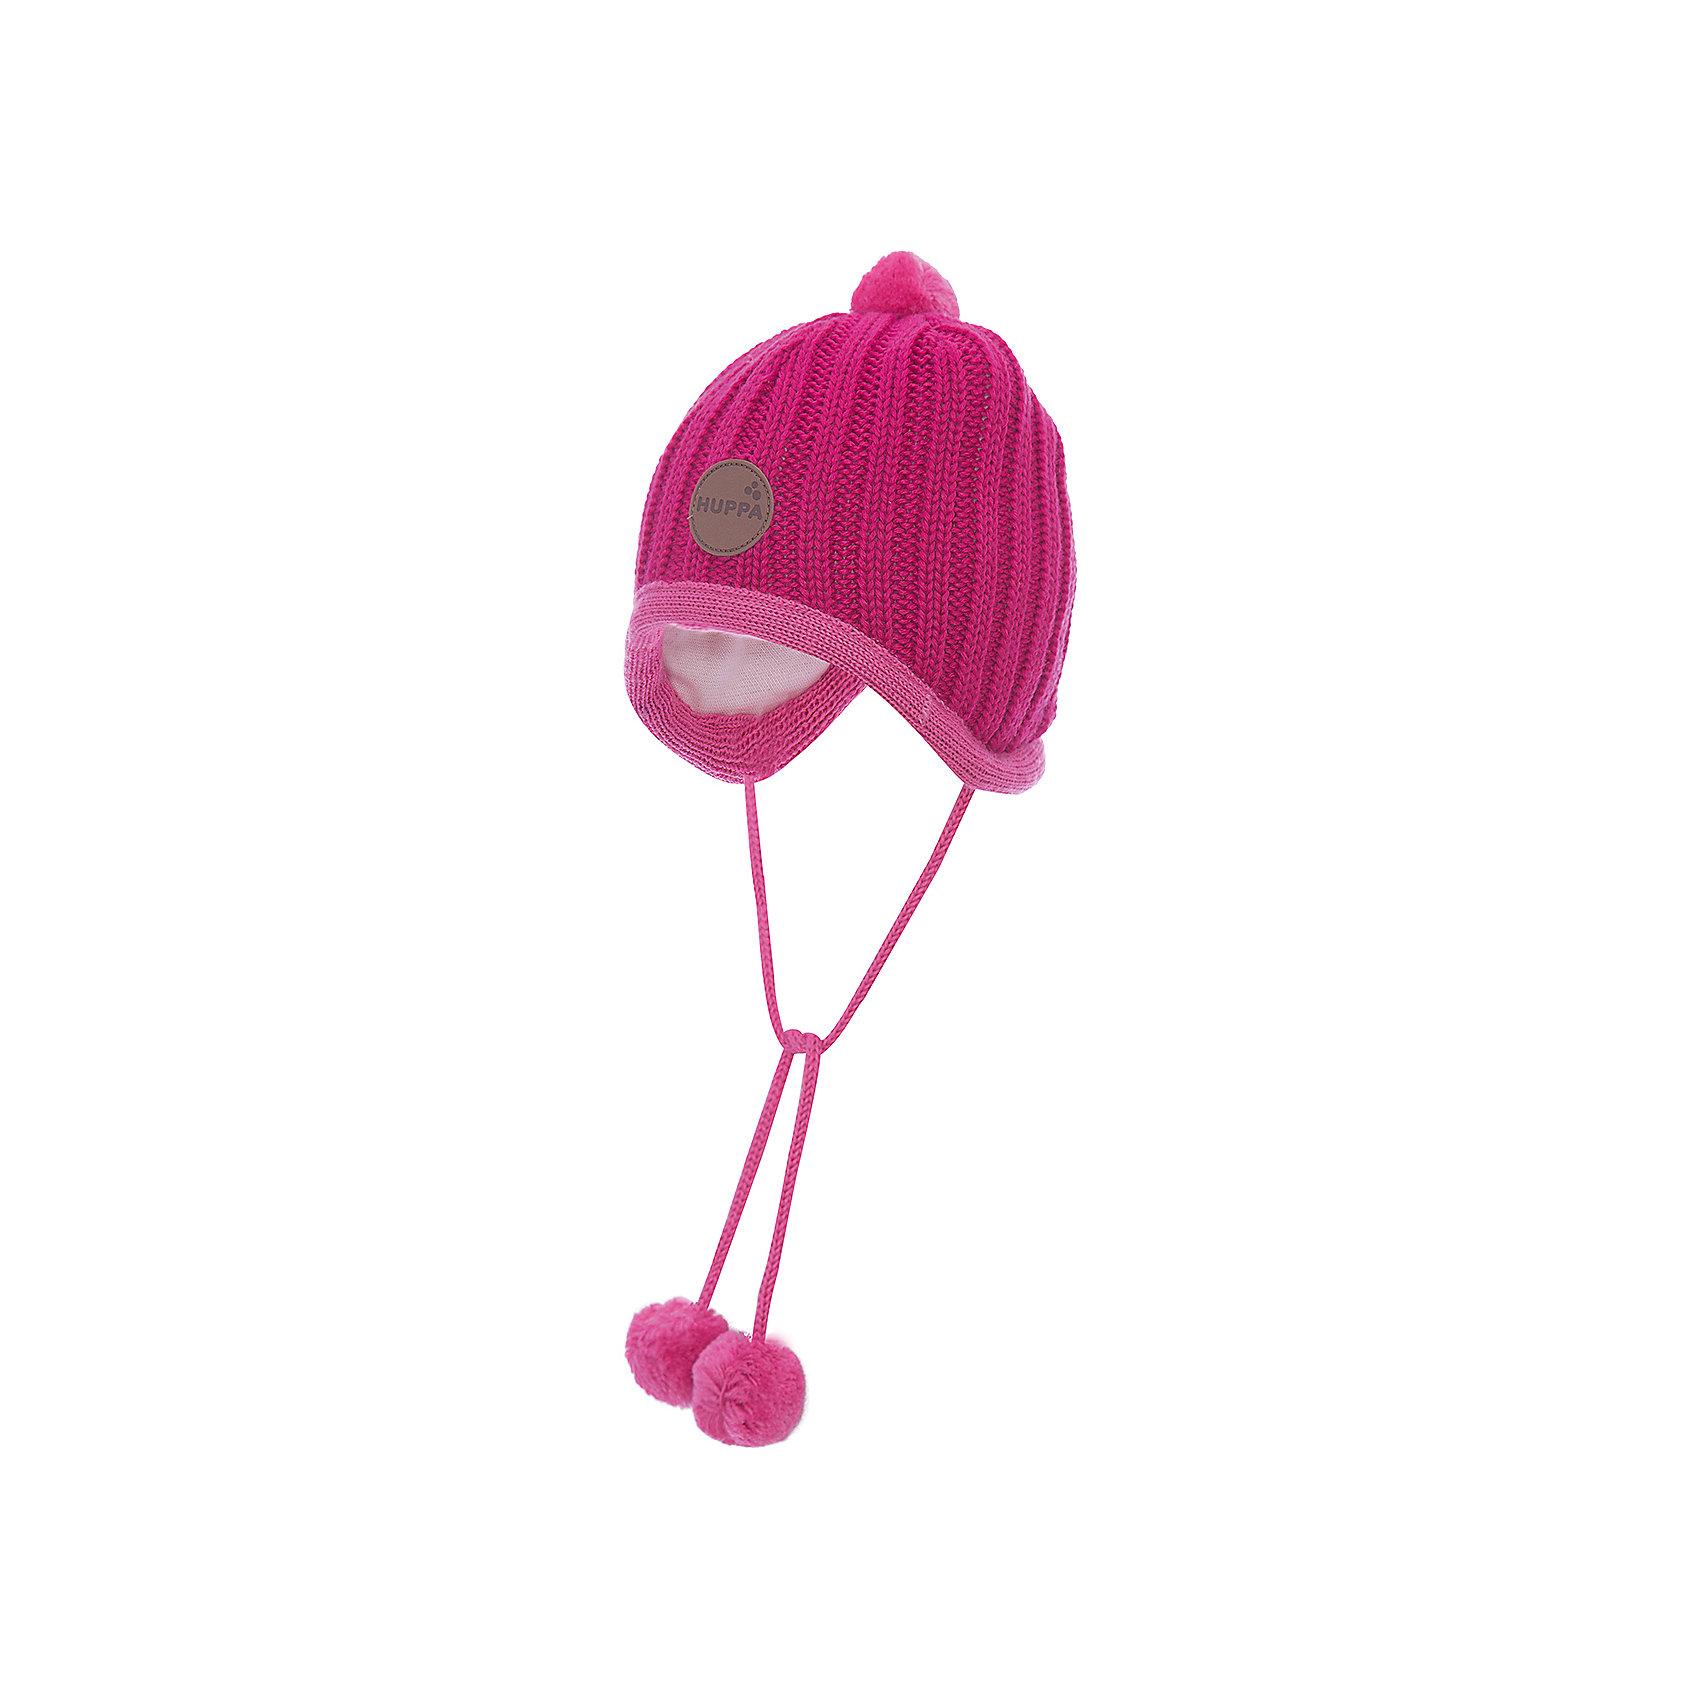 Шапка для девочки HuppaШапочки<br>Вязанная «резинкой» зимняя шапка для малышей. Для удобства ношения у шапки приятная подкладка из хлопкового трикотажа, наружная часть из смеси 50% мериносовой шерсти и 50% акриловой пряжи. Для защиты от холодных ветров у шапки имеются ленты с помпонами, при помощи которых шапку можно завязать и защитить уши от холода. <br><br>Шапку для девочки Huppa (Хуппа) можно купить в нашем магазине.<br><br>Ширина мм: 89<br>Глубина мм: 117<br>Высота мм: 44<br>Вес г: 155<br>Цвет: розовый<br>Возраст от месяцев: 2<br>Возраст до месяцев: 5<br>Пол: Женский<br>Возраст: Детский<br>Размер: 39-43,51-53,43-45,47-49<br>SKU: 4242887